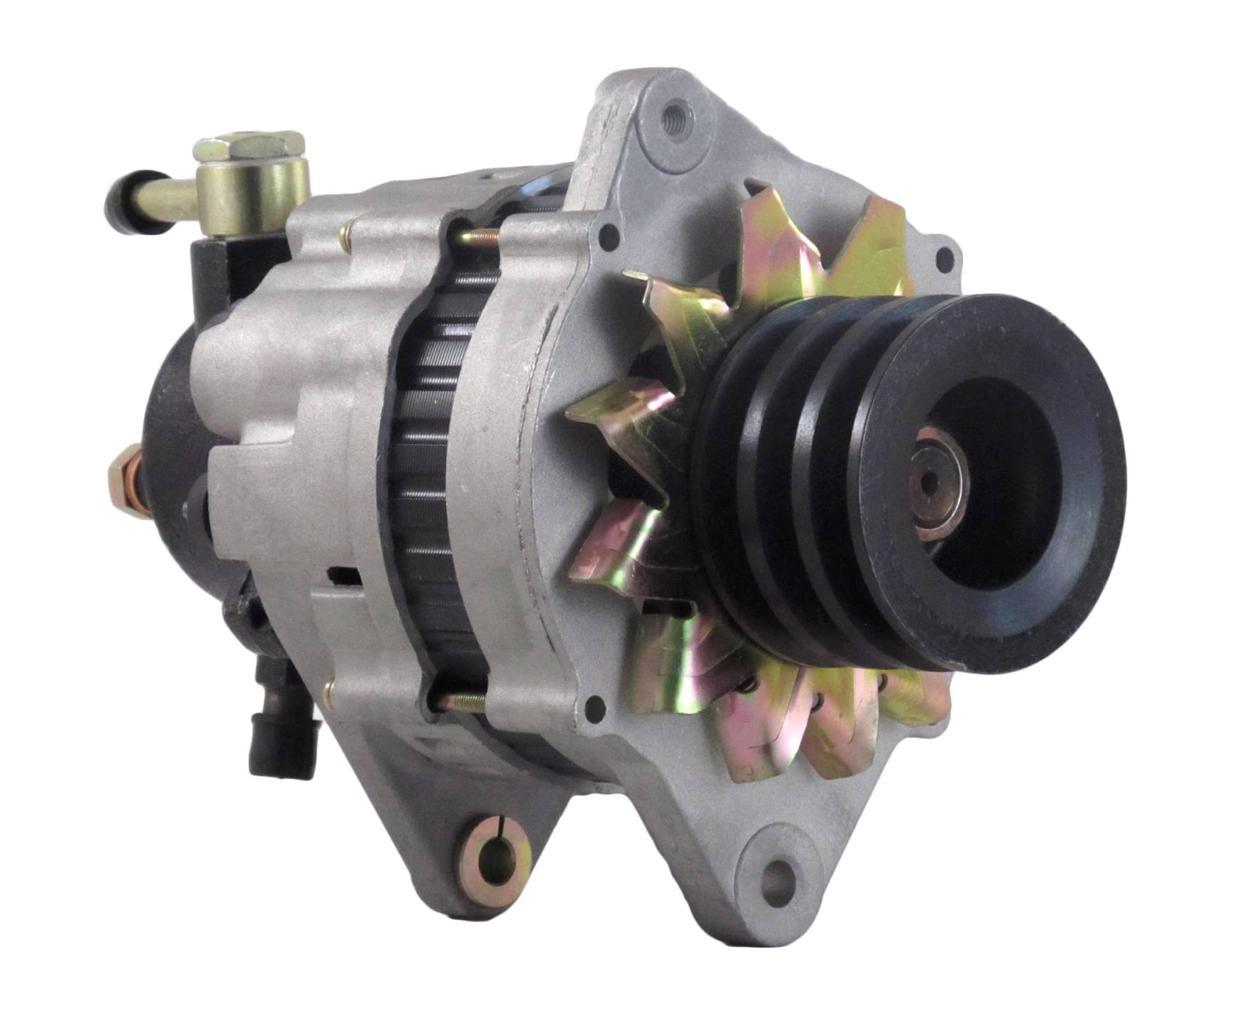 new 24v alternator isuzu npr nkr 4hf1 4hg1 engine 8 97300 350 0 8 97300 350 ebay